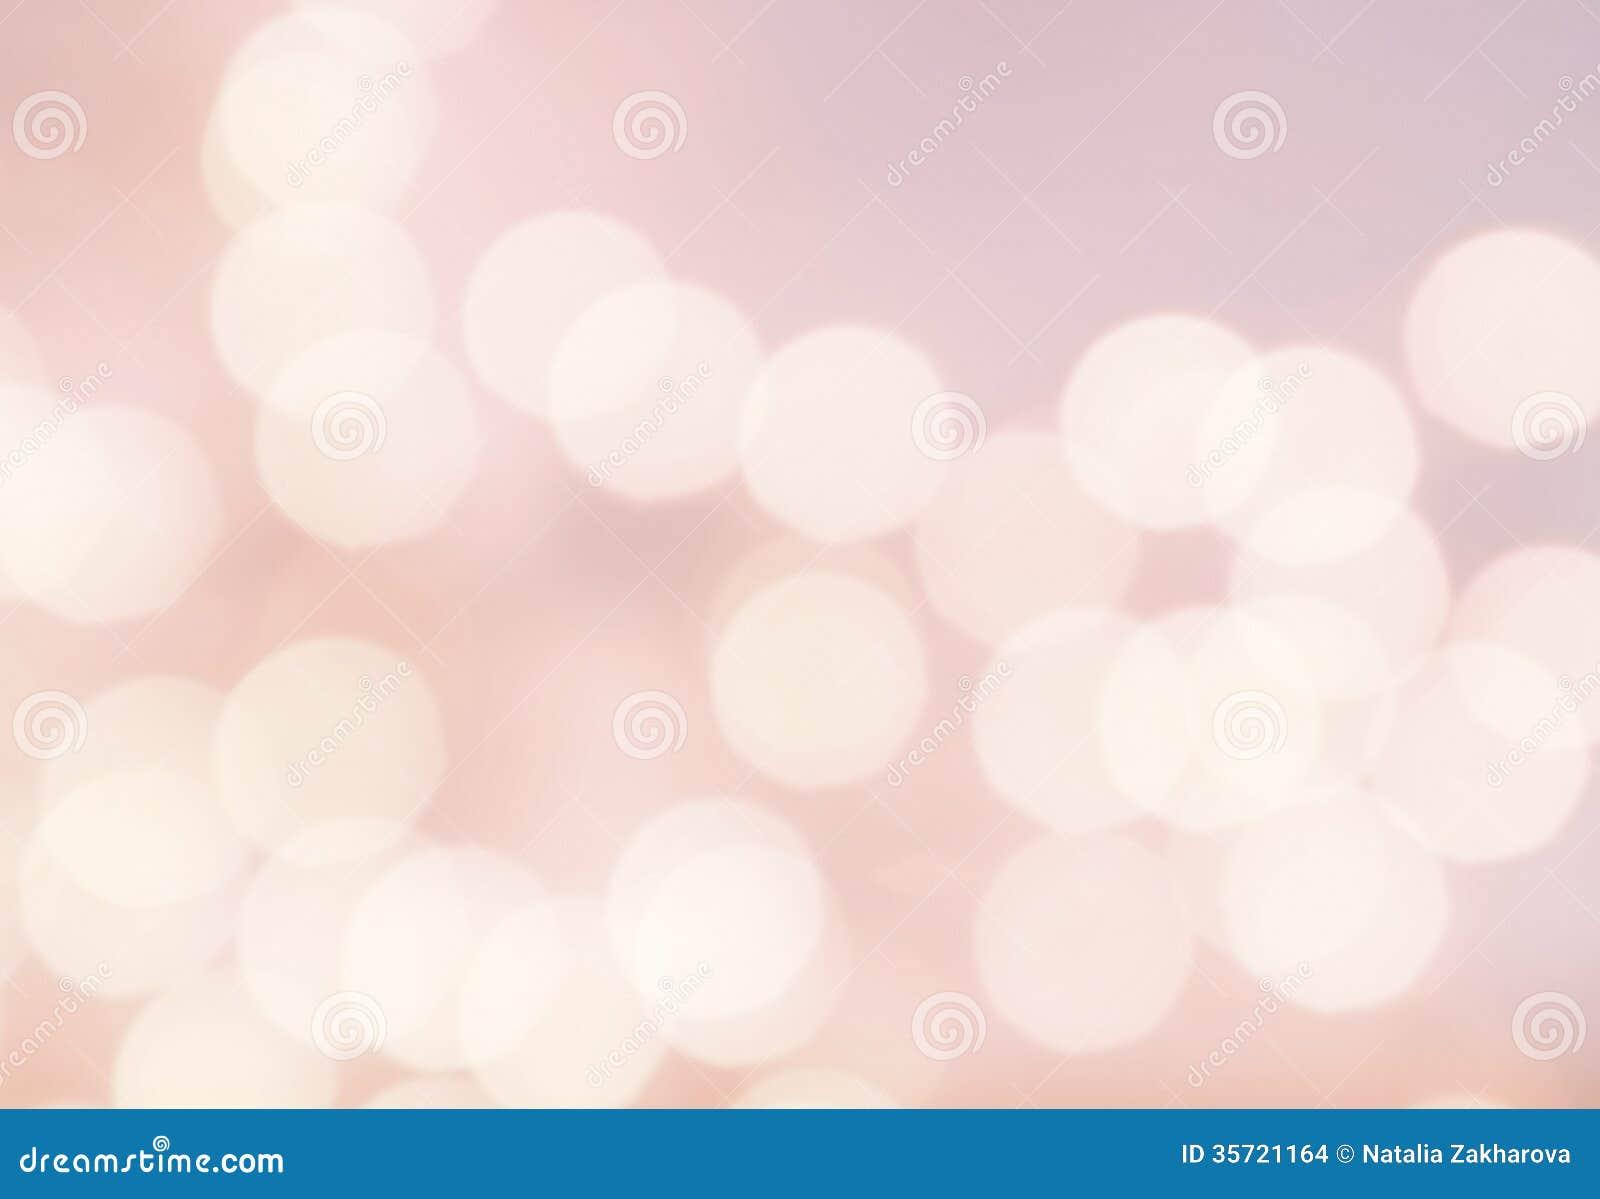 Fundo do vintage da luz de Bokeh. Cor cor-de-rosa brilhante. Natu abstrato